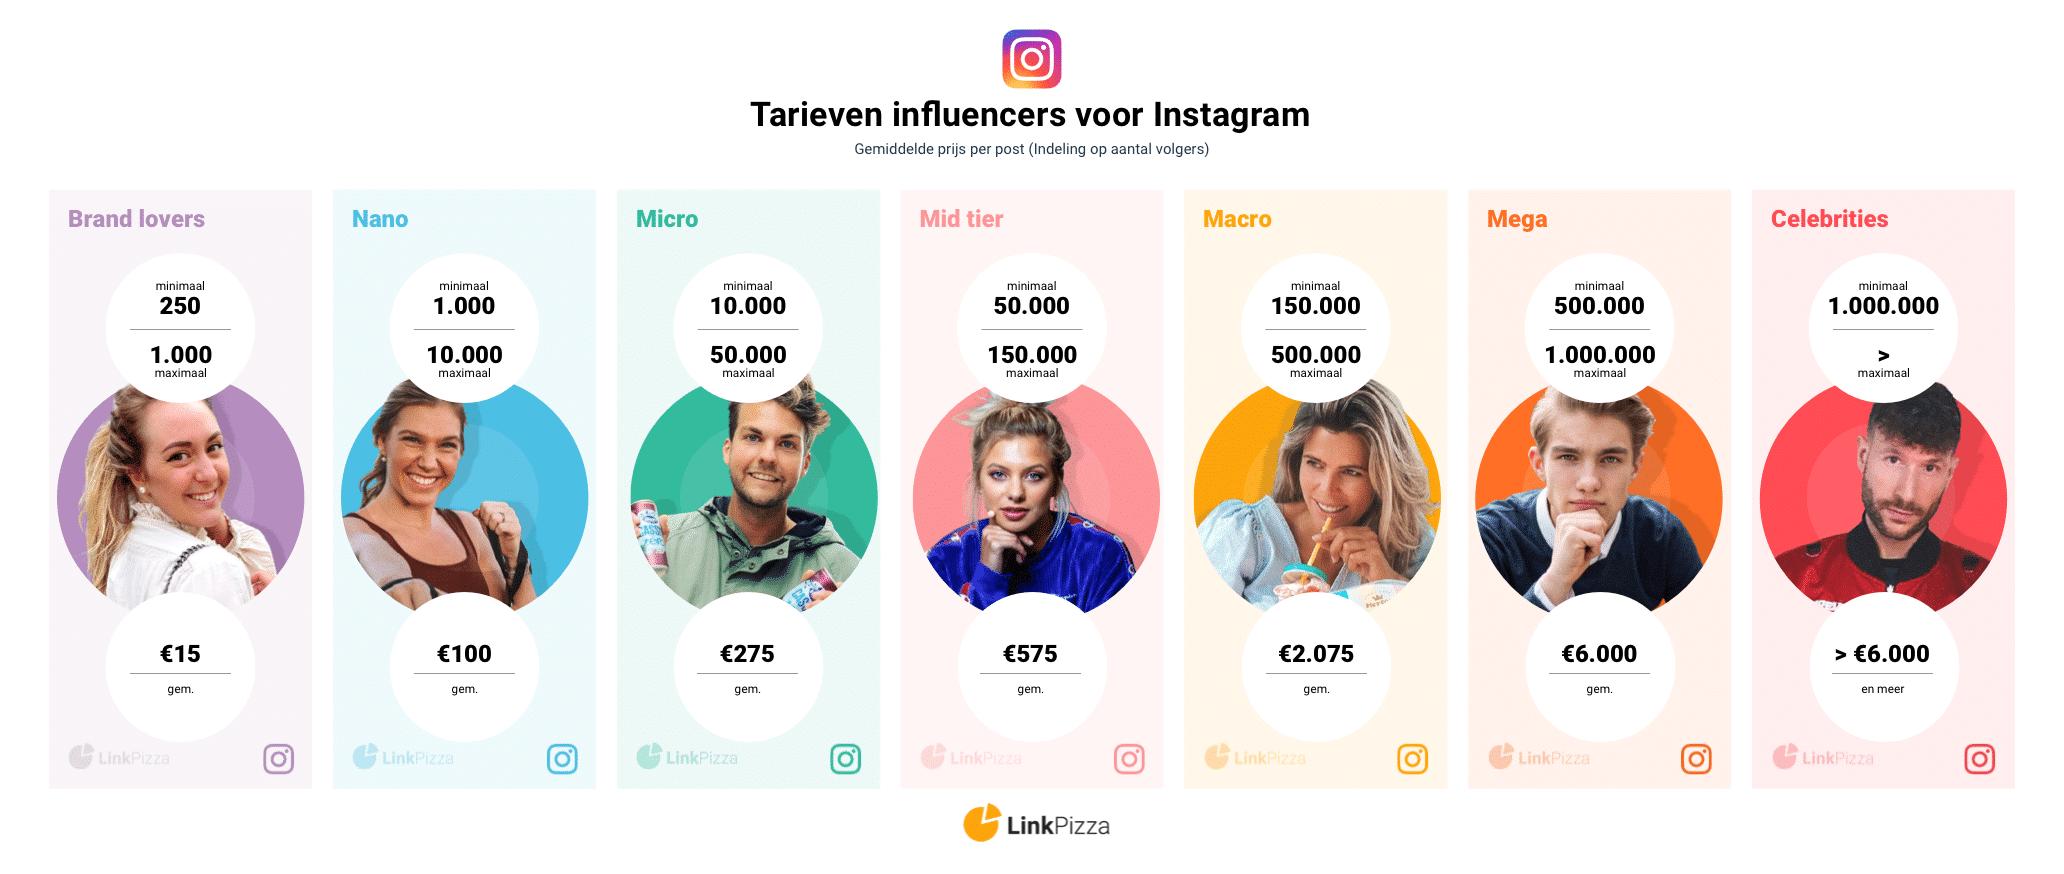 Tarieven van Instagrammers